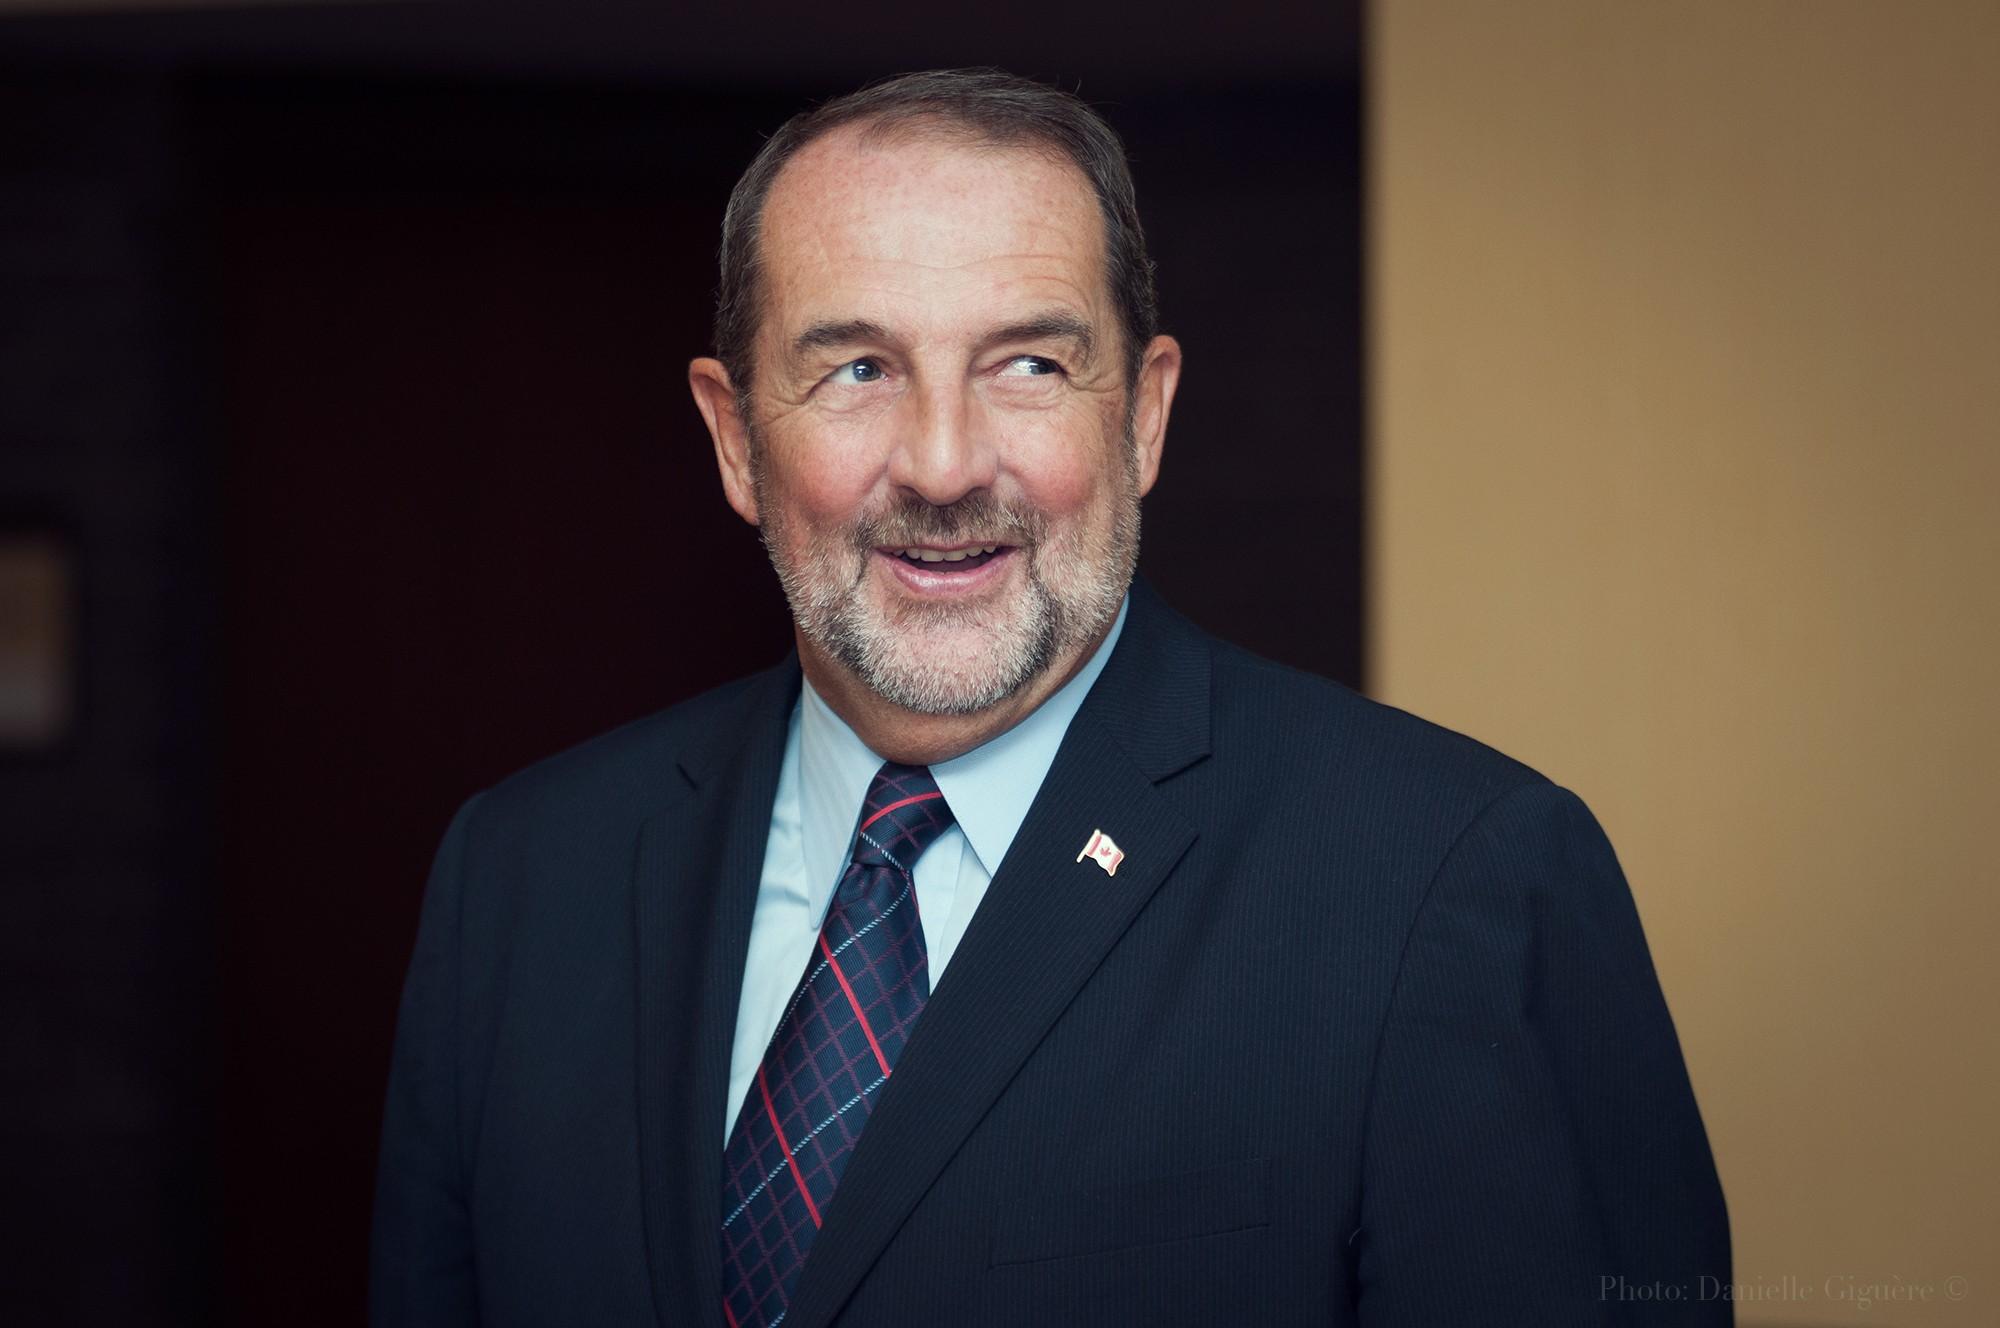 Député des affaires intergouvernementales Denis Lebel donne un discours / Conférence Anges Québec